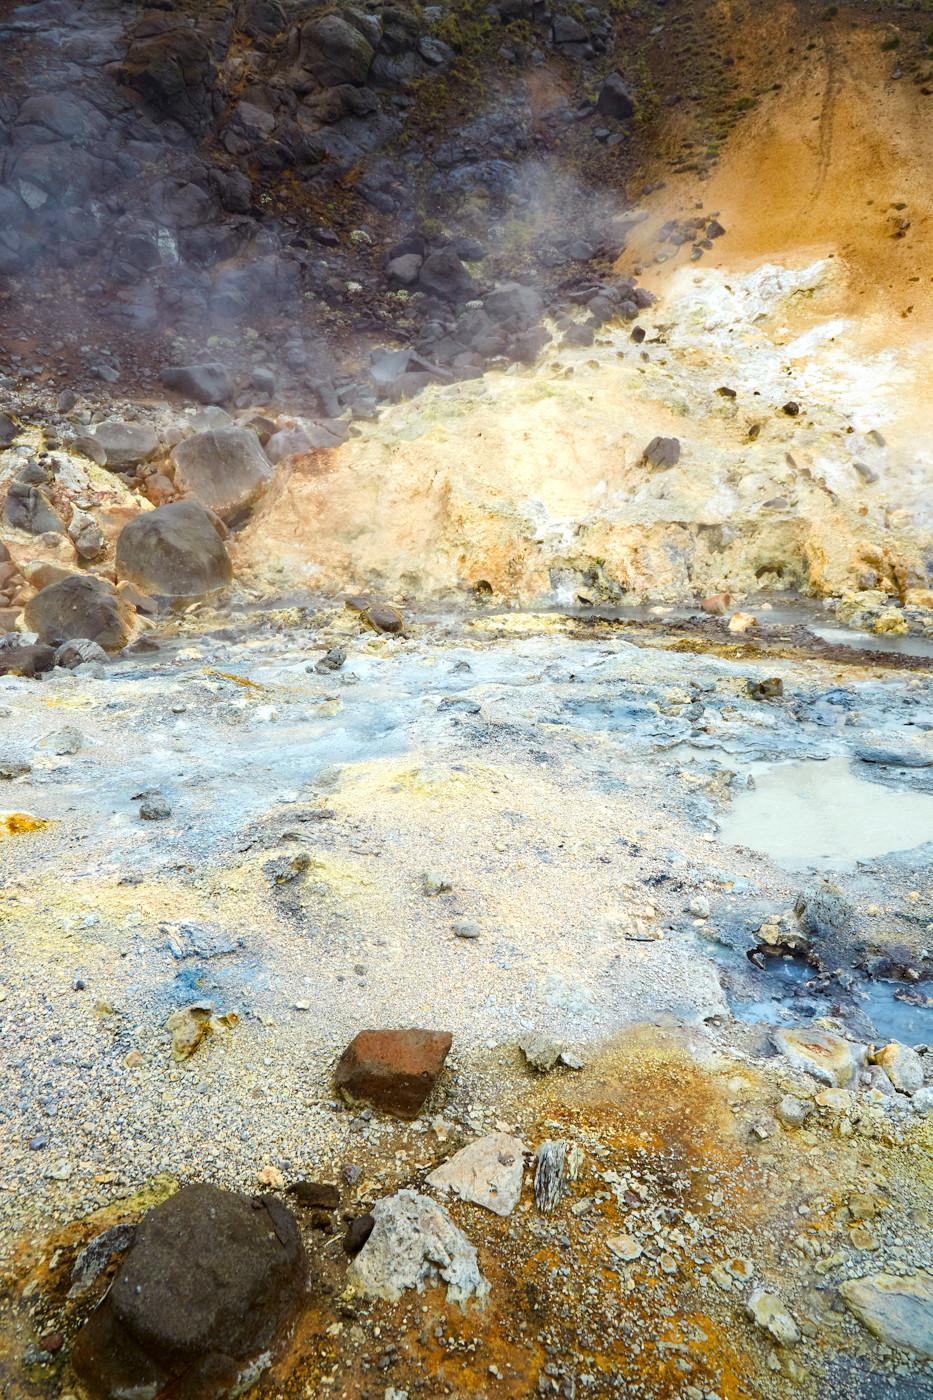 Krysuvik, geothermal Area, geothermales Gebiet, Reykjavik, Island, Iceland, Reiseblog, Miles and Shores, Reiseblogger, Travelblog, Was tun an einem Regentag in Island, Schlammquellen, heiss, heiß, bunt